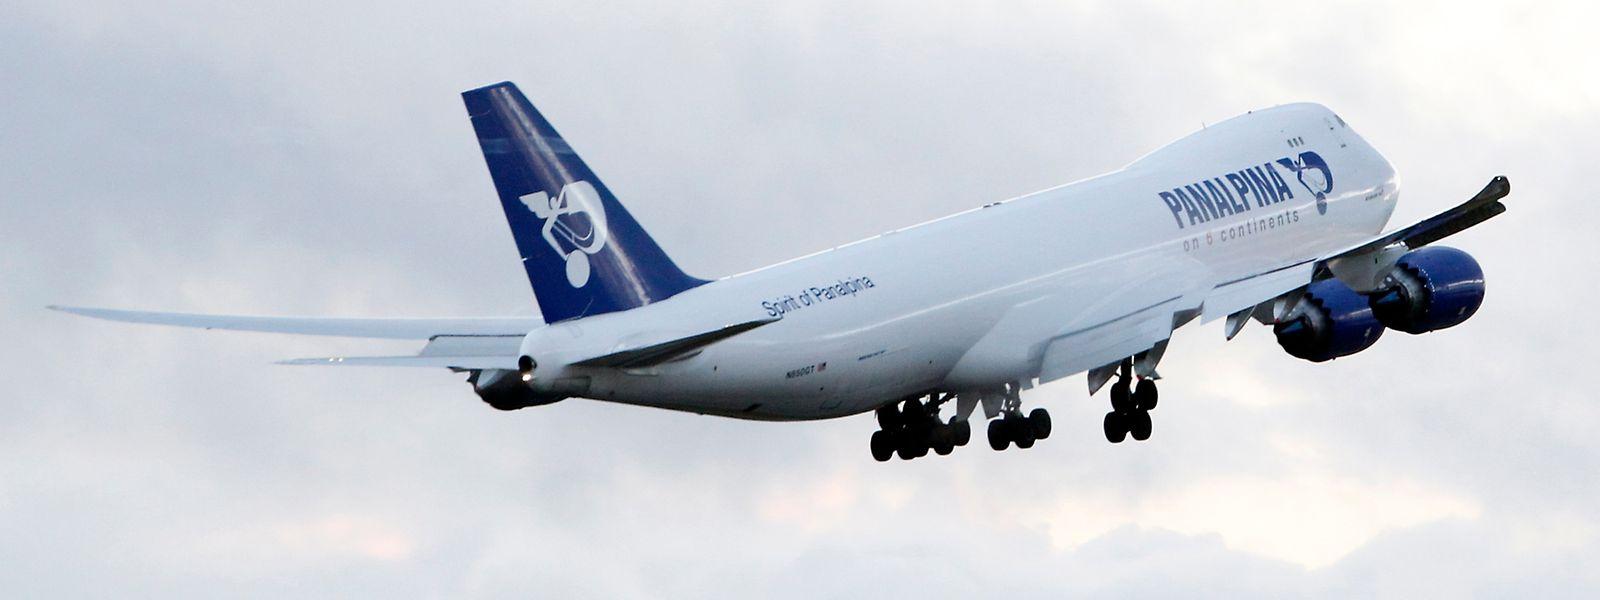 Die Gruppe ist ein bedeutender Akteur am Luftfracht-Drehkreuz Luxemburg. Der Findel galt bislang als Herzstück des Panalpina-Netzwerkes mit regulären Charterflügen.